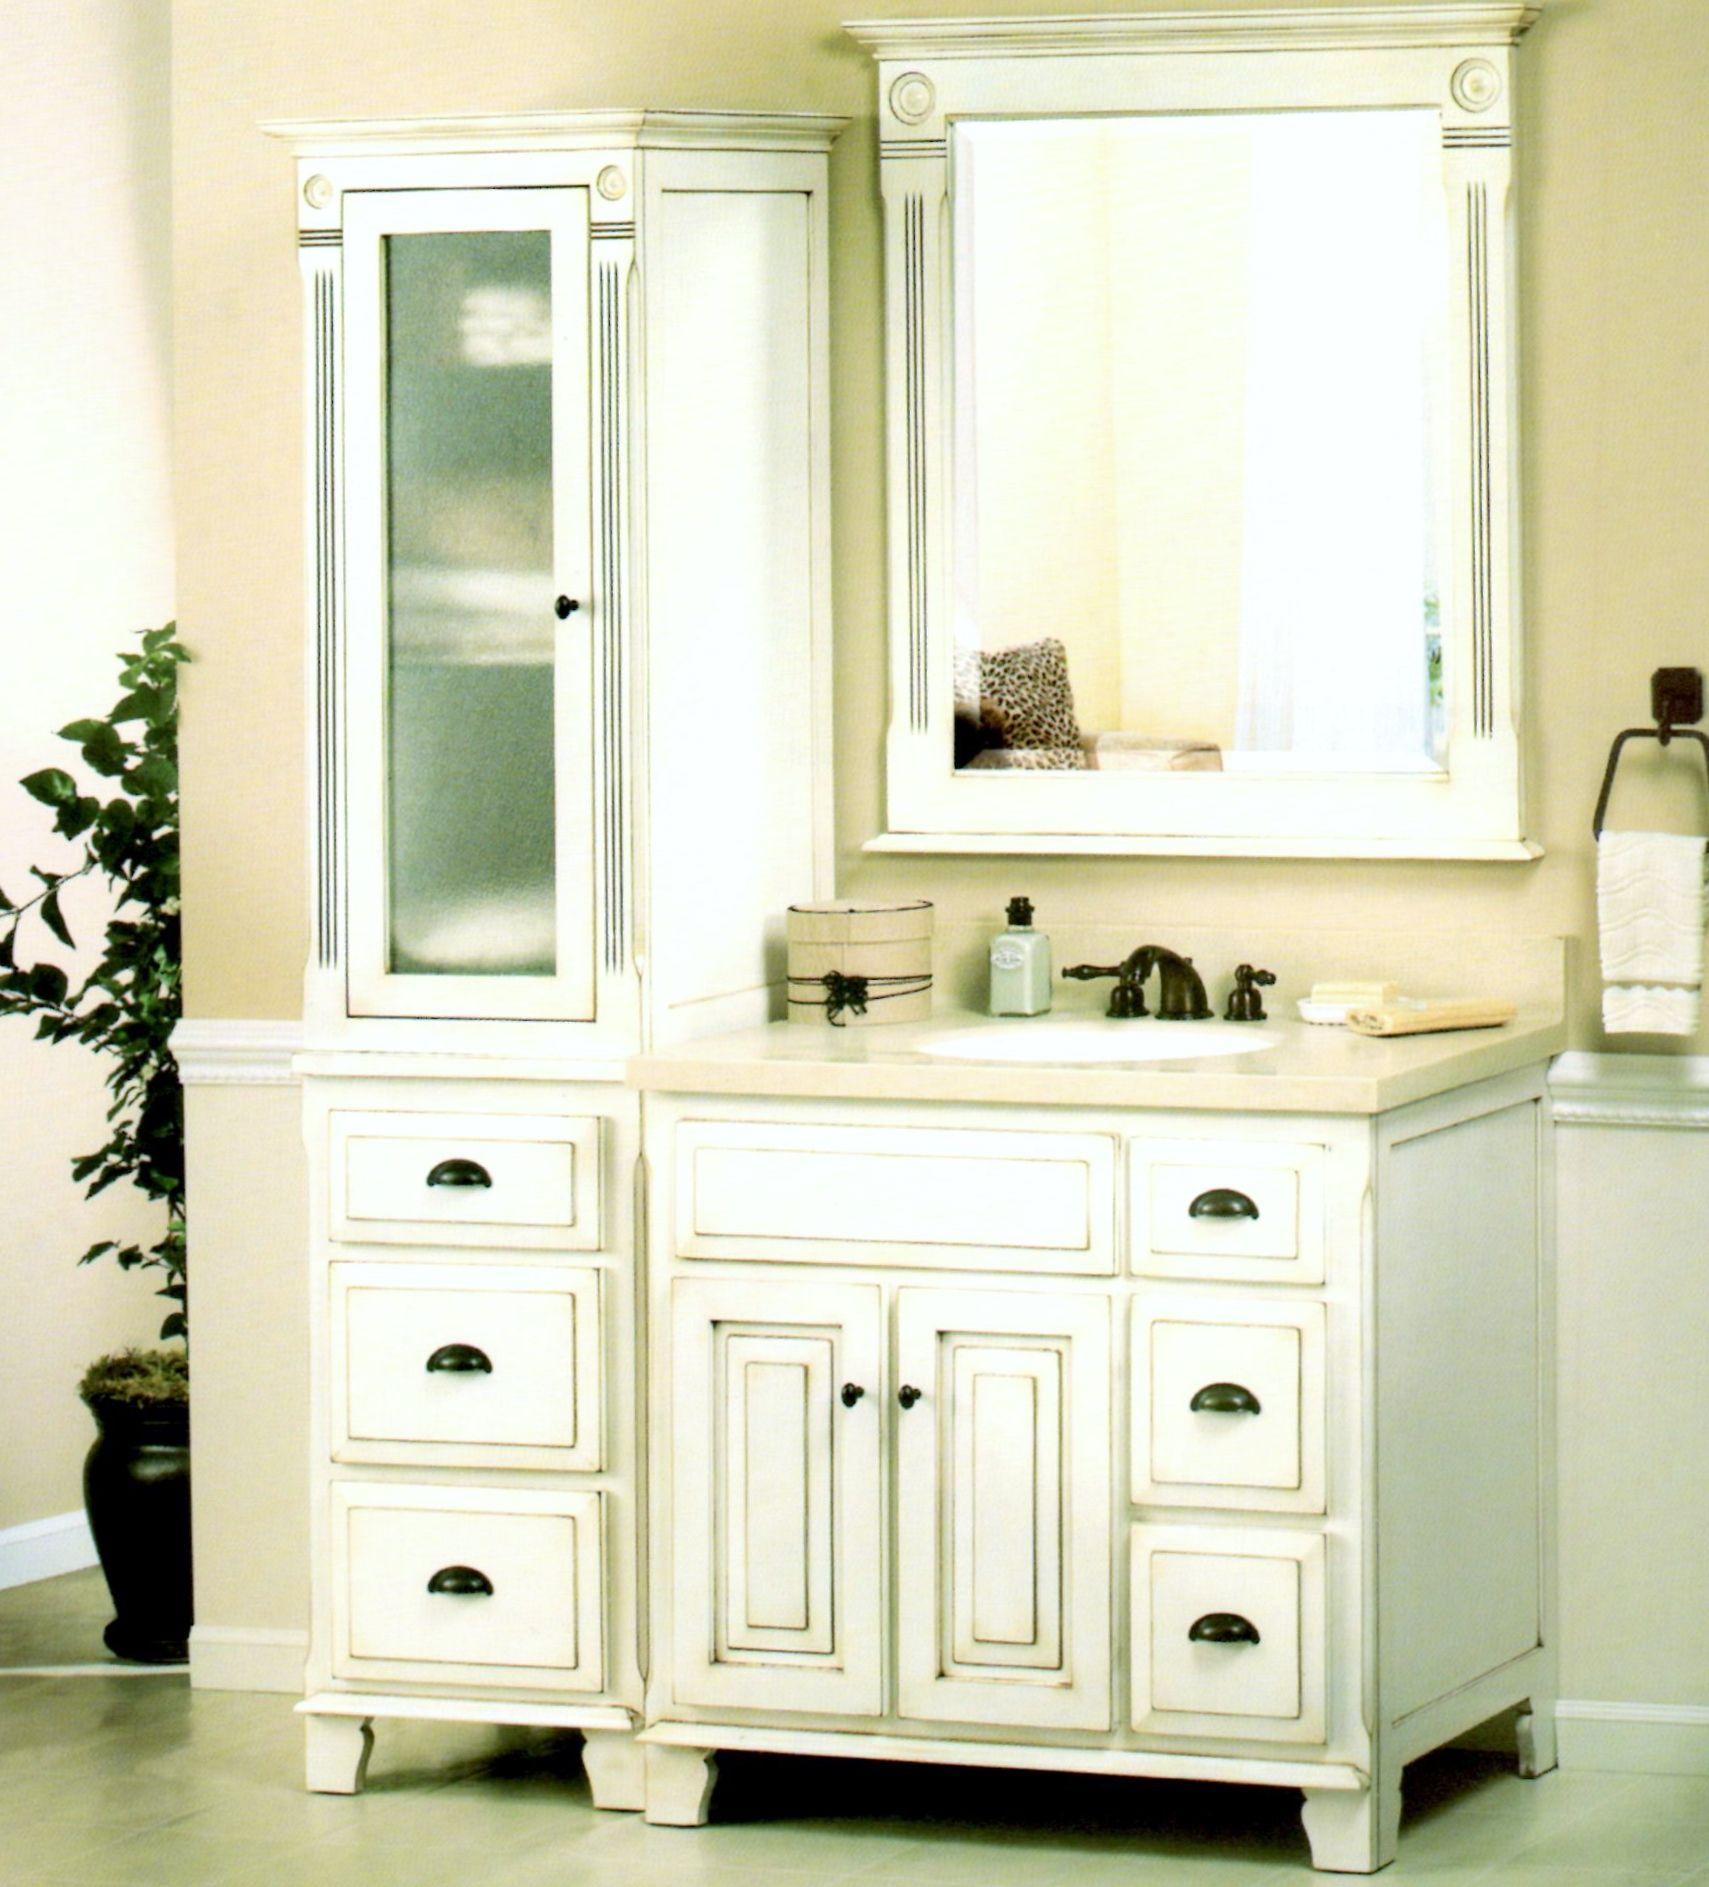 Bathroom Vanities Rhode Island ferendo #kitchen #bath #vanity #rhode #island | only vanities